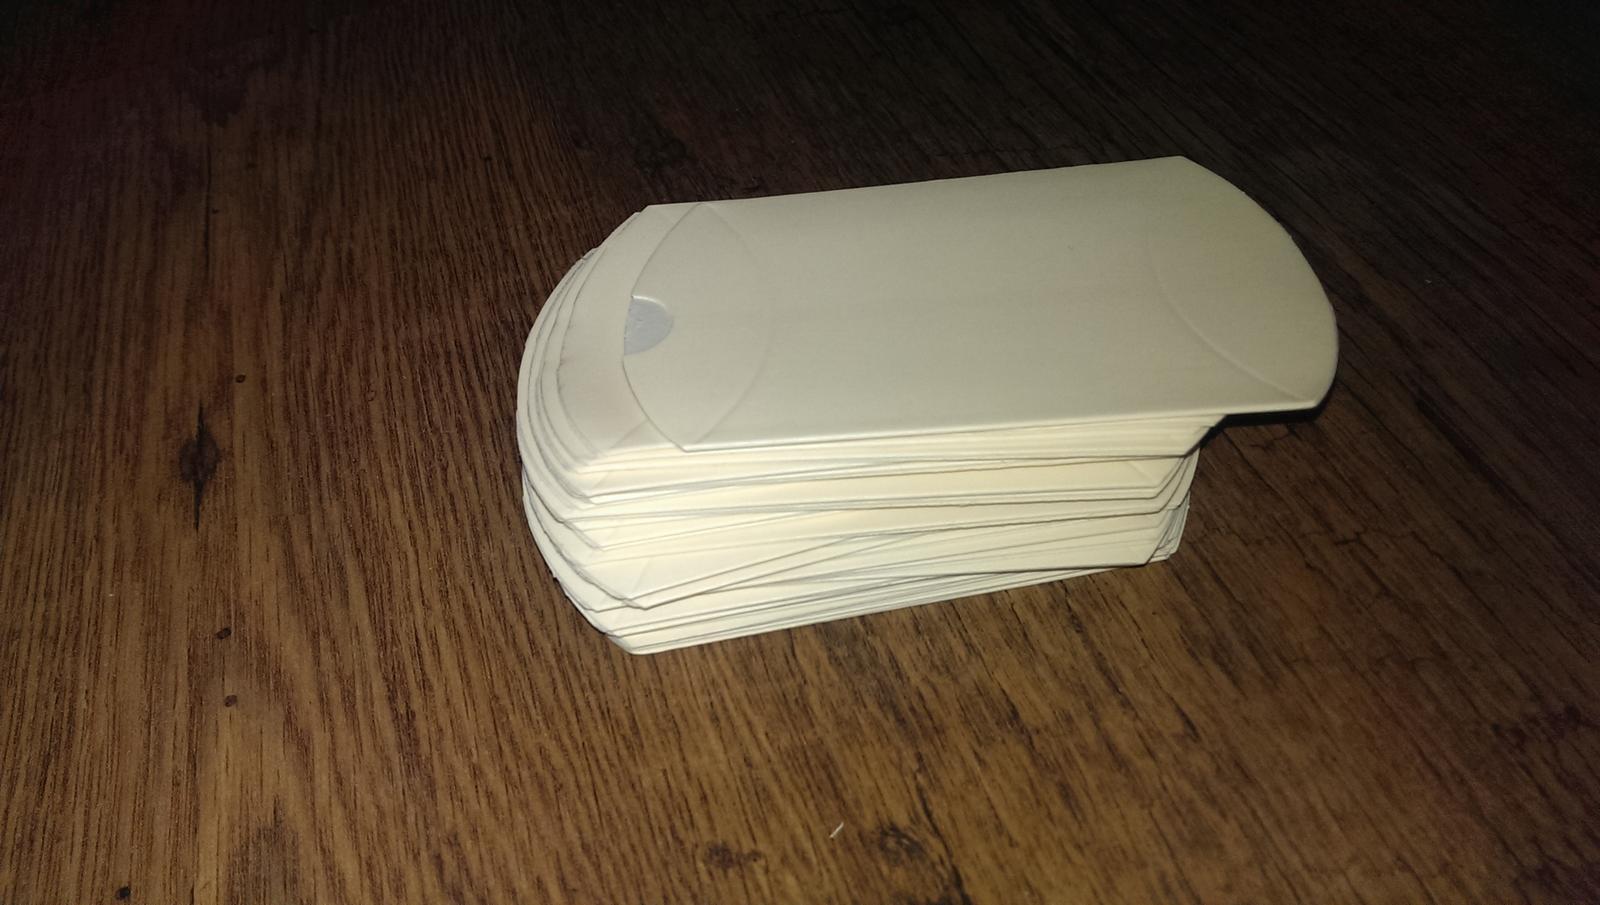 ivory krabicky na darceky pre hosti - Obrázok č. 1